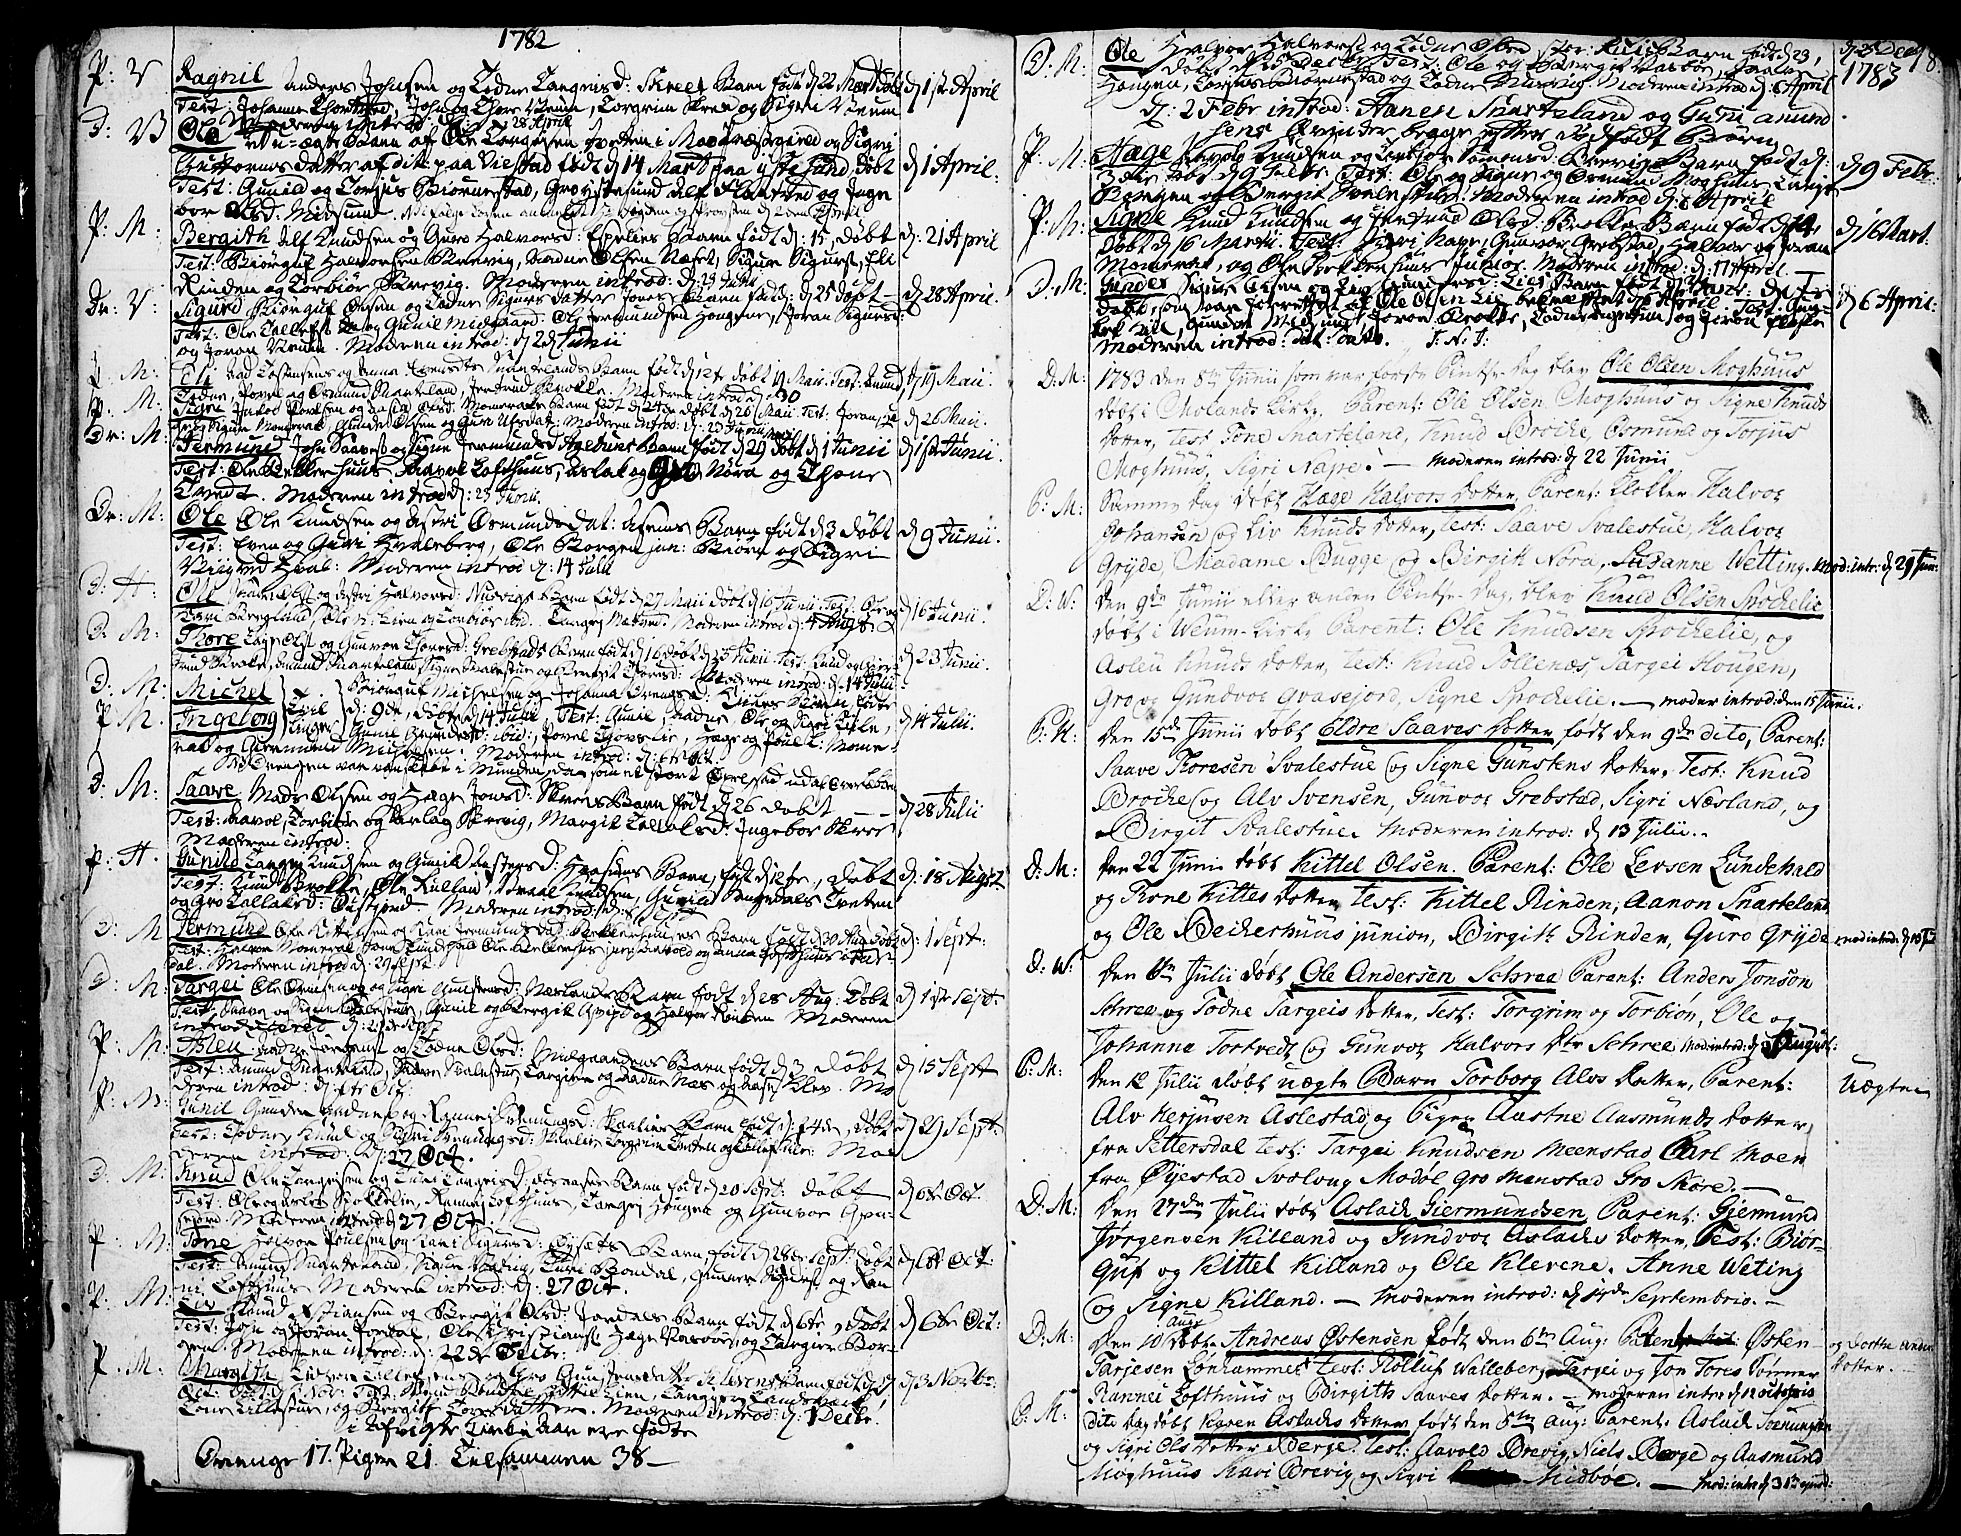 SAKO, Fyresdal kirkebøker, F/Fa/L0002: Ministerialbok nr. I 2, 1769-1814, s. 18